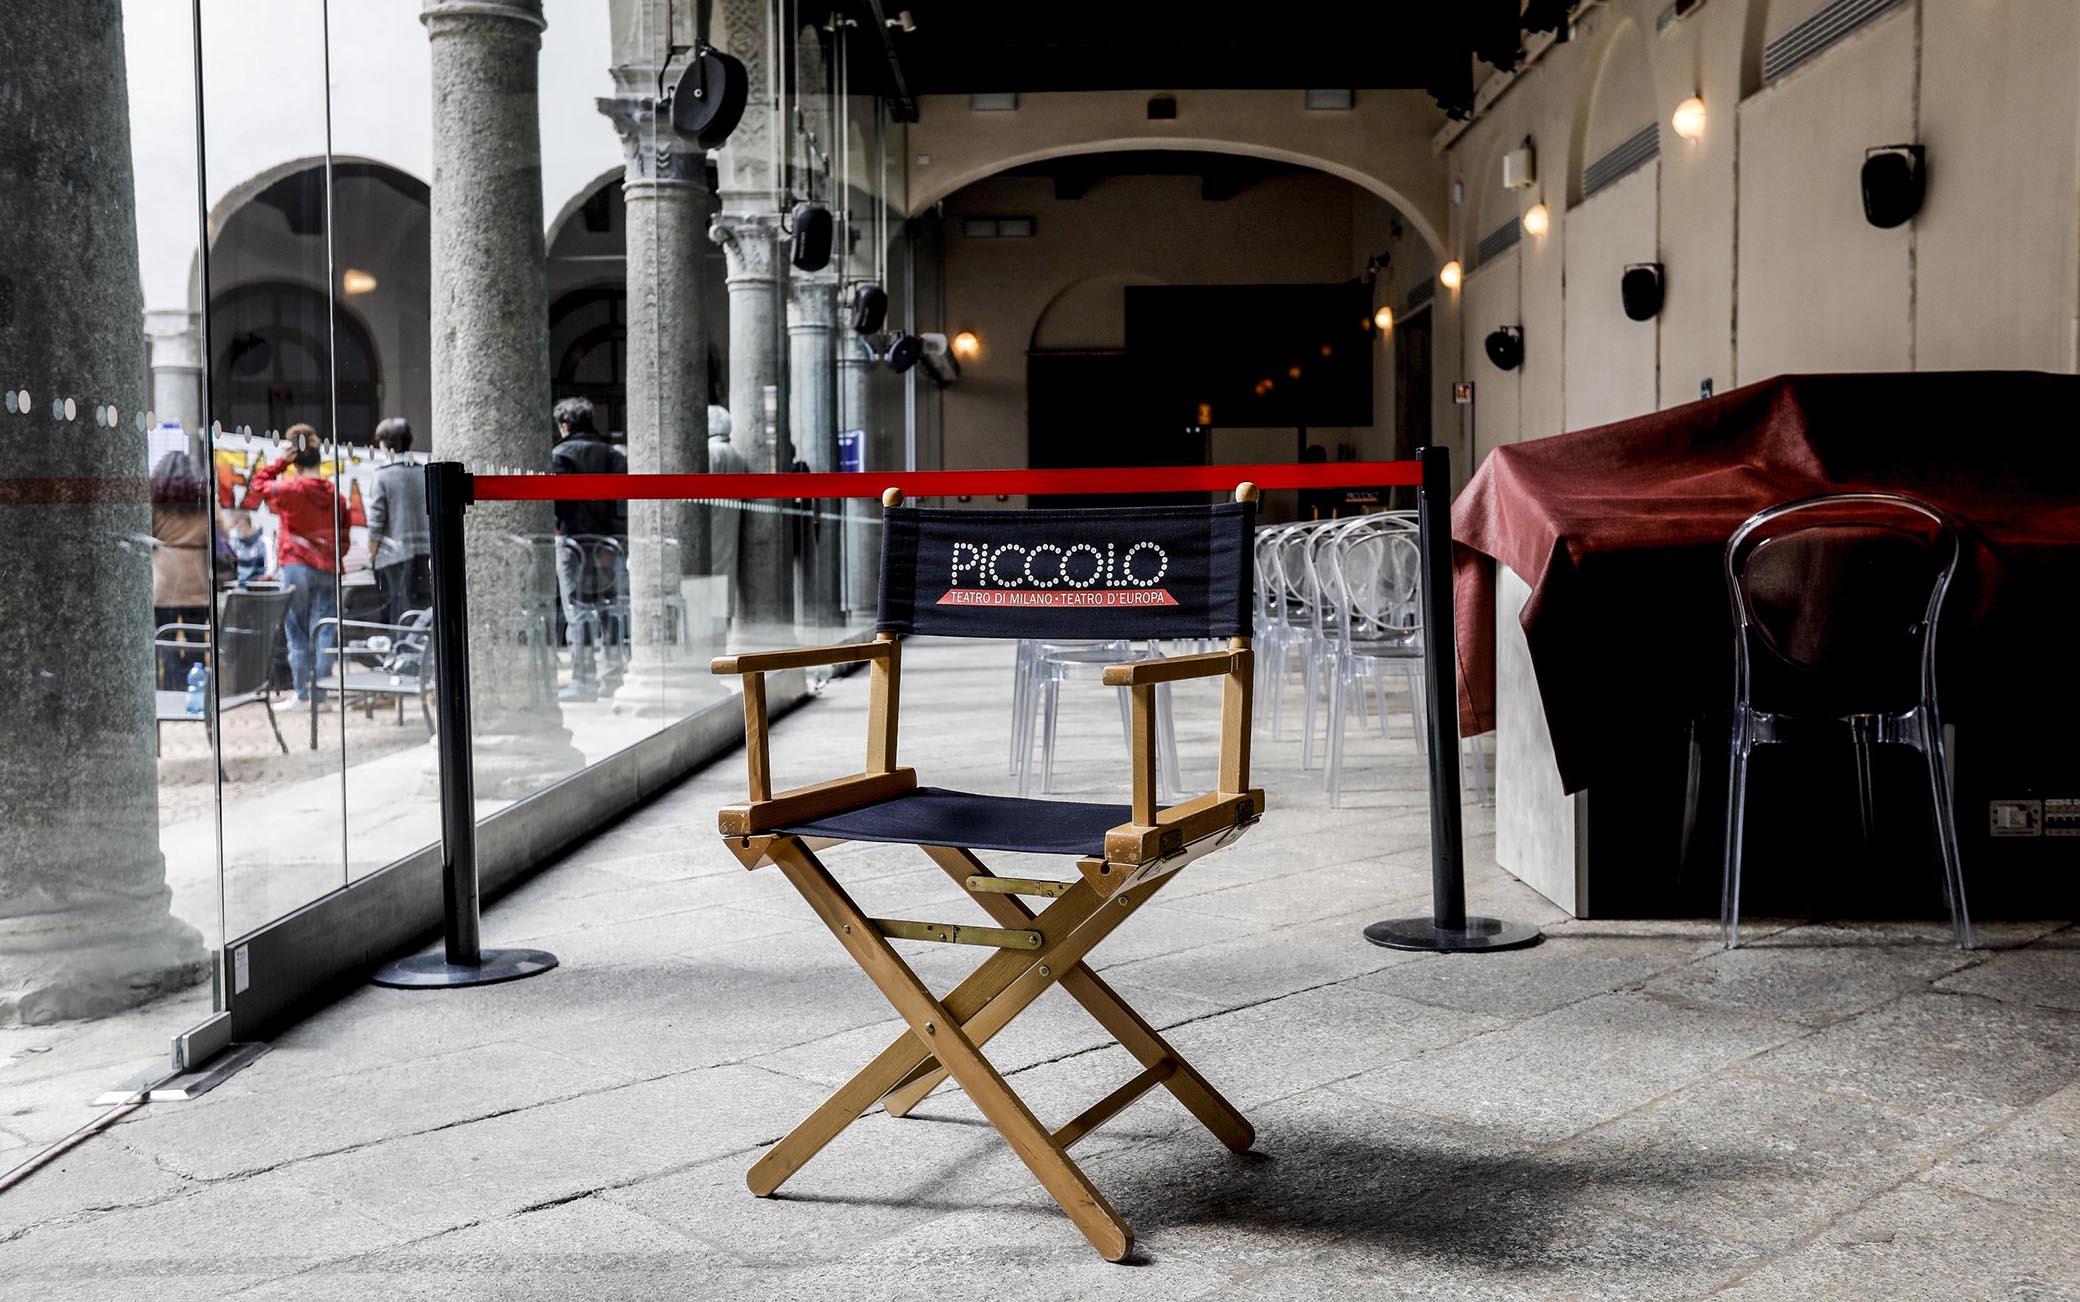 Occupazione del Piccolo Teatro di via Rovello da parte dei lavoratori dello spettacolo, Milano, 27 marzo 2021. ANSA/ MOURAD BALTI TOUATI